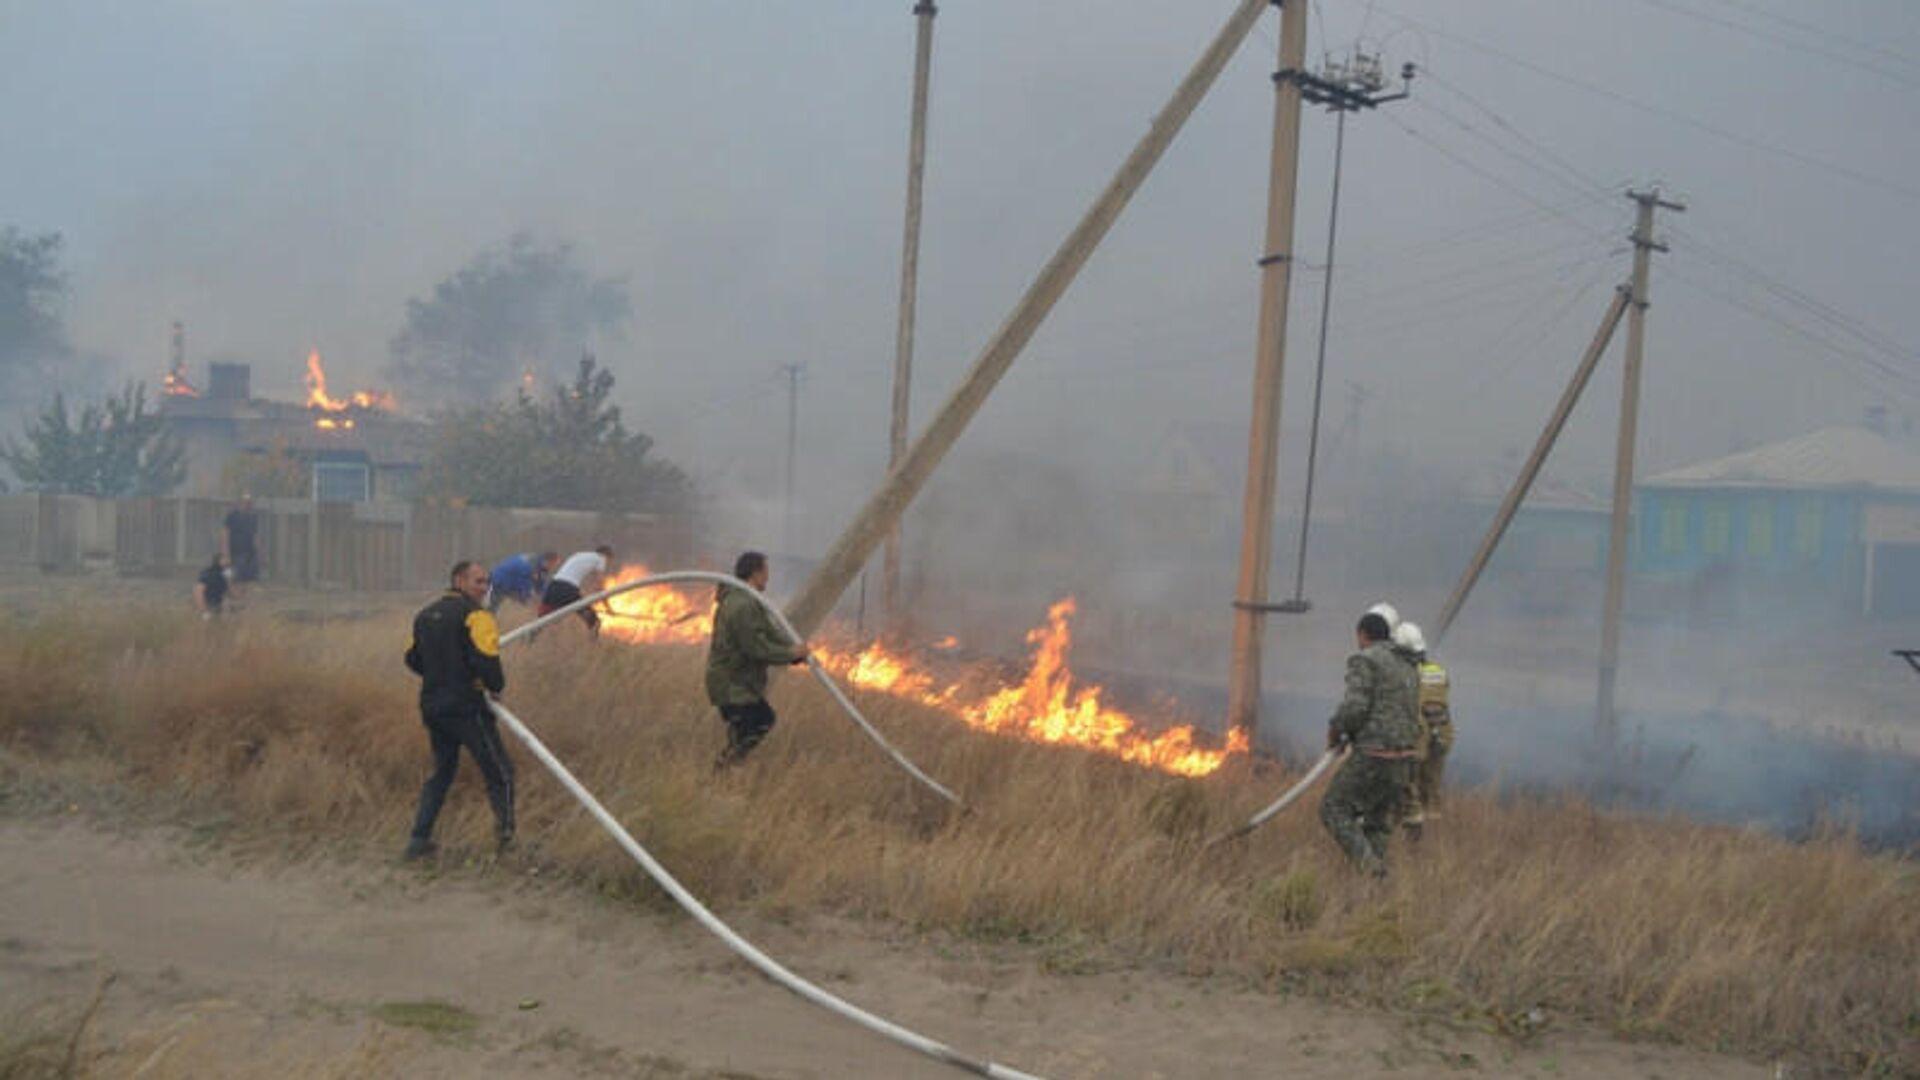 1578058161 0:42:800:492 1920x0 80 0 0 5fd8cbf7375afe4c77383c44aac4e6b4 - В Воронежской области локализовали два ландшафтных пожара